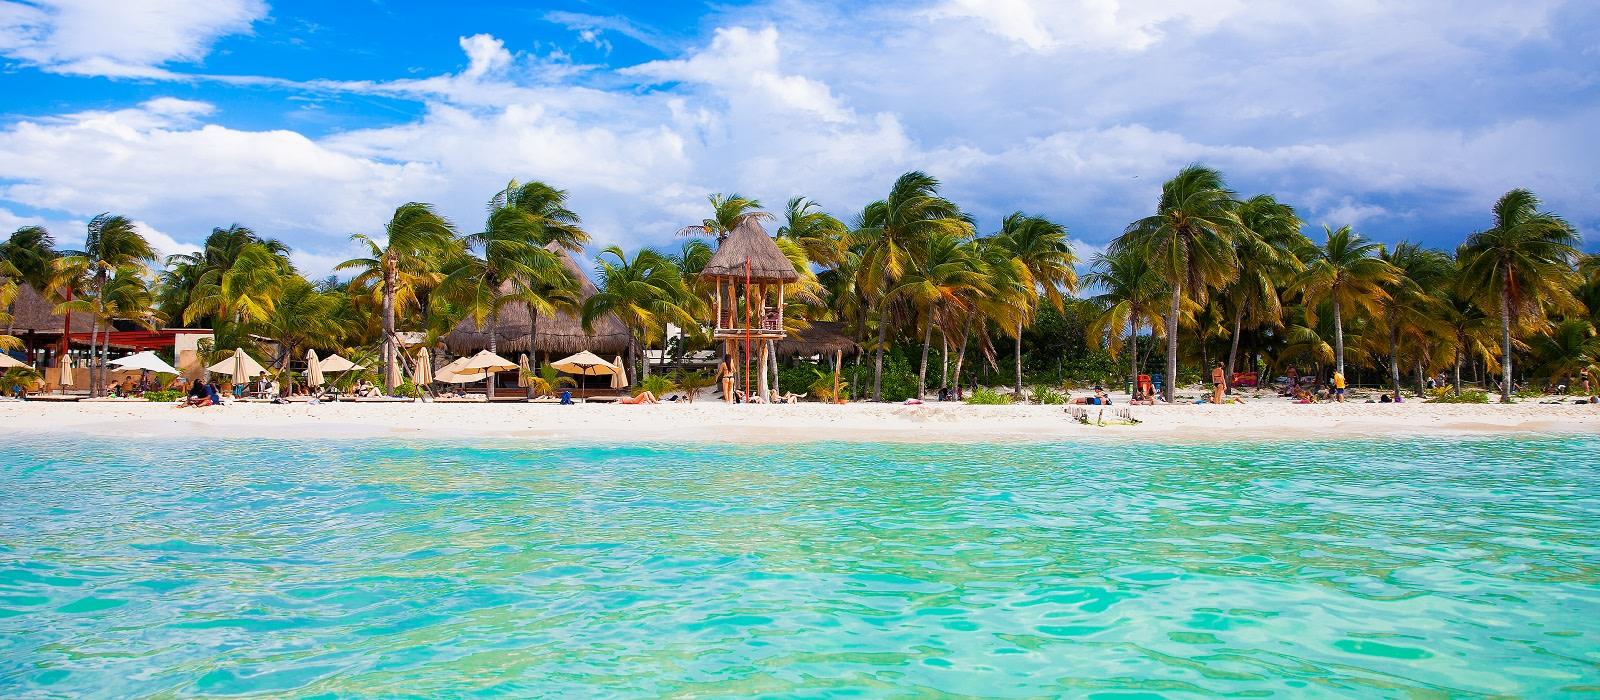 Reiseziel Isla Mujeres Mexiko